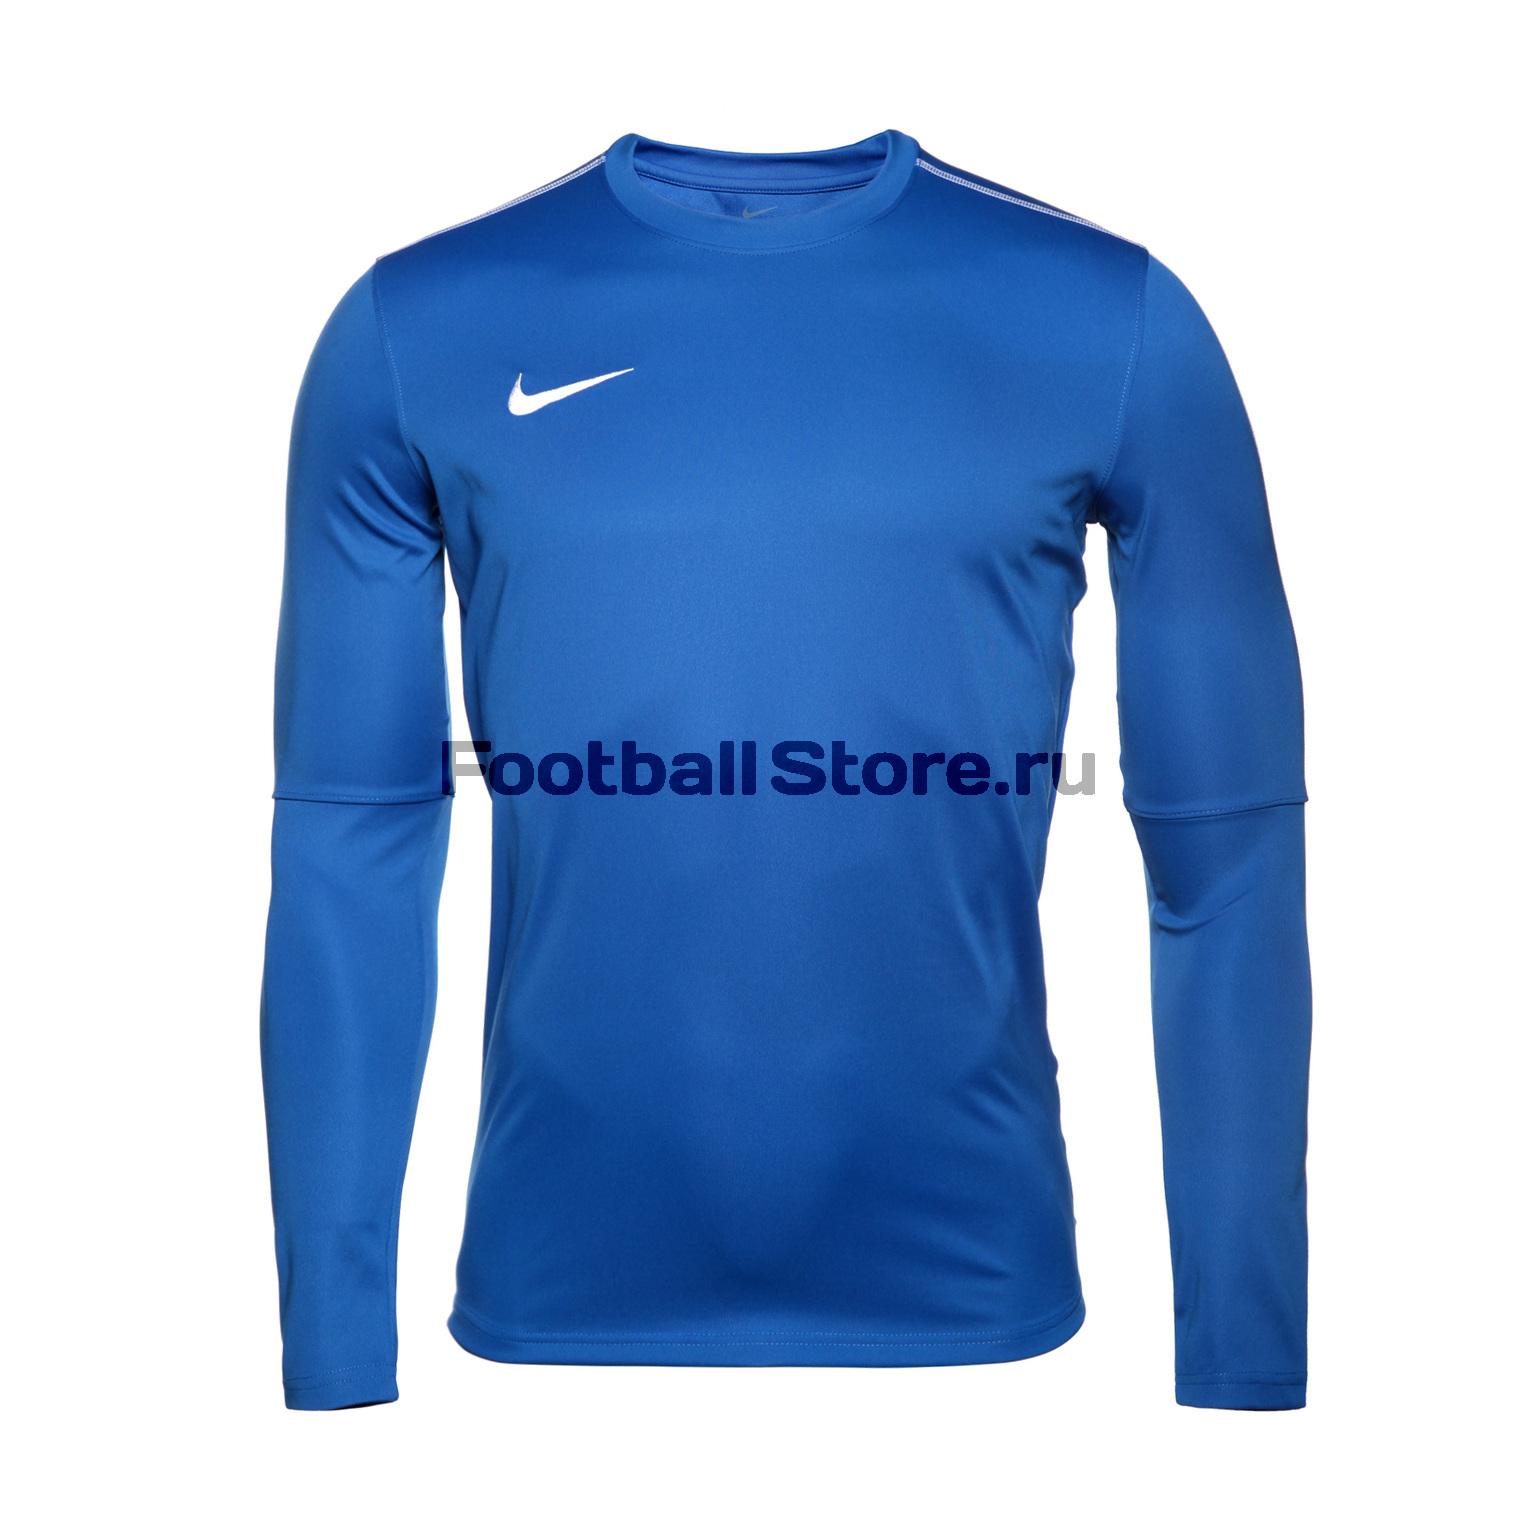 цена на Свитер тренировочный Nike Dry Park18 Crew Top AA2088-463